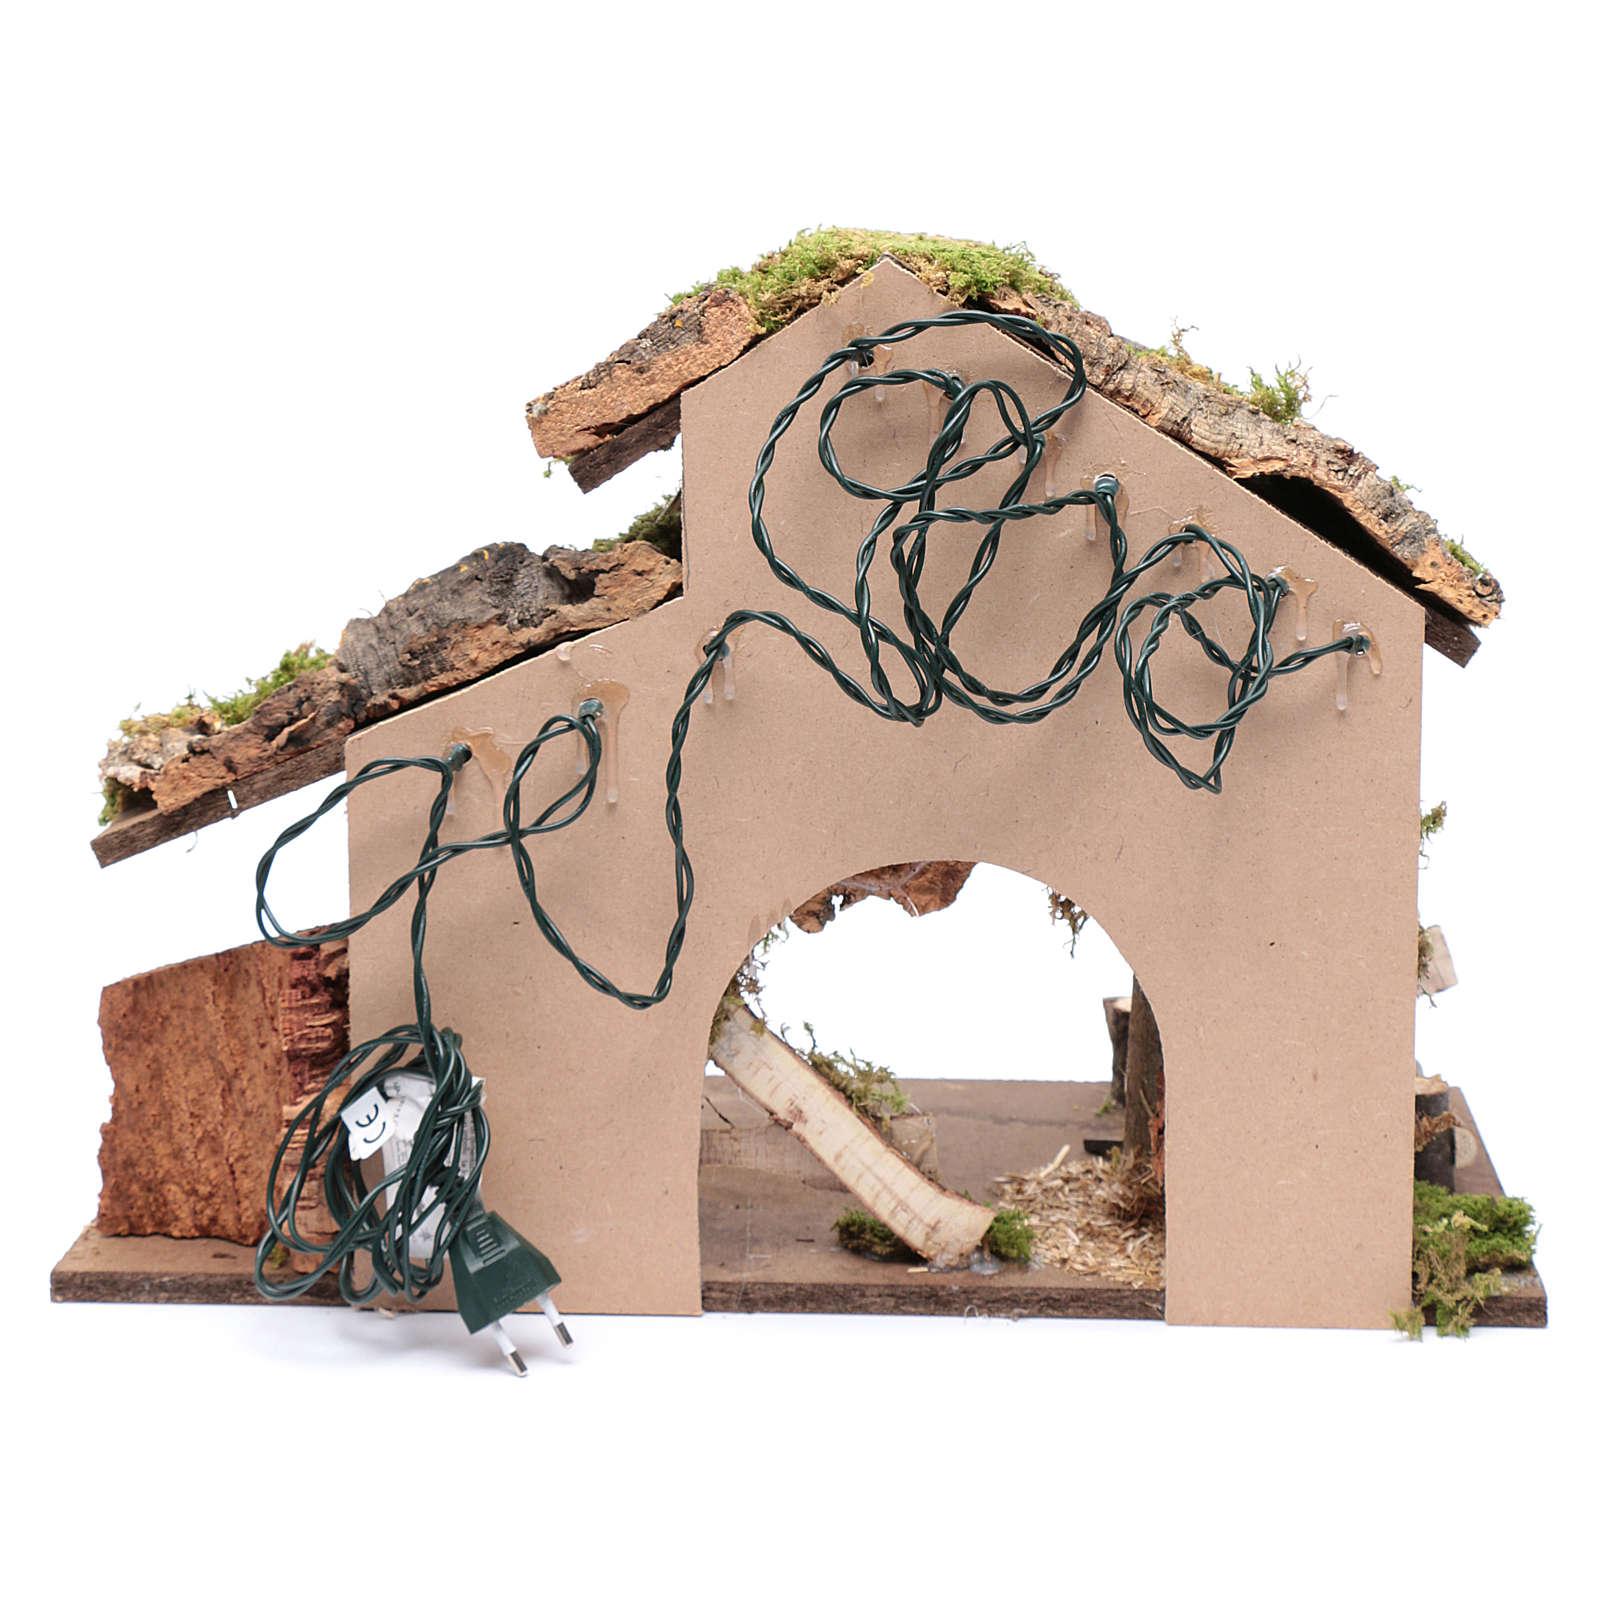 Capanna per presepe con tronchi d'albero e carretto 35x50x25 cm 4